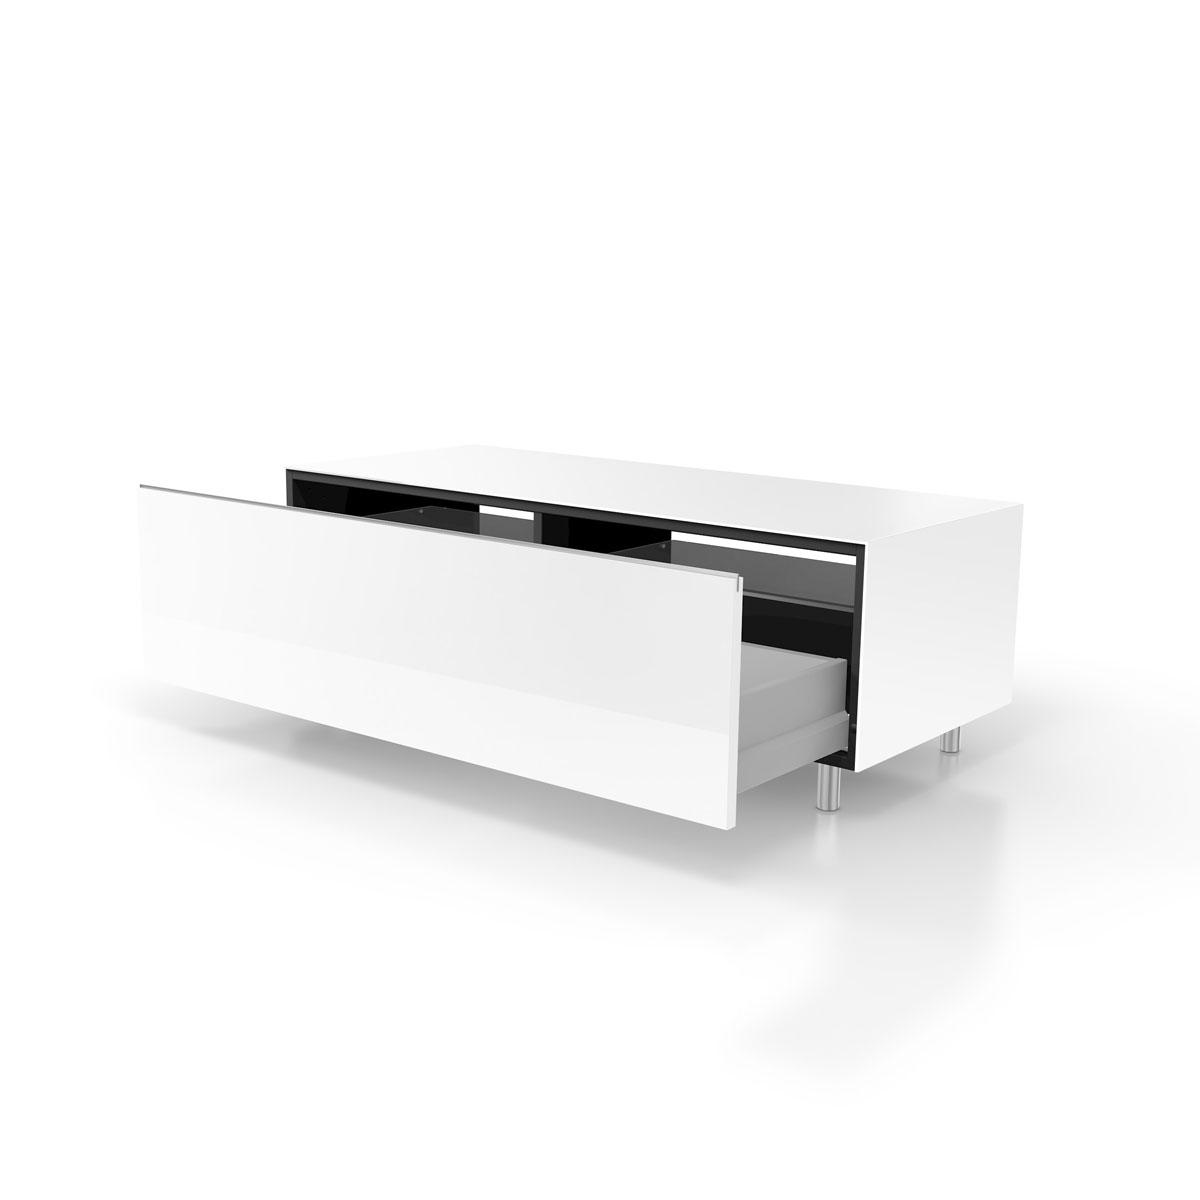 Verglaster TV Schrank. Mit Schublade. Mit Einlegeböden. Modell JRL 1100S von Just Racks.